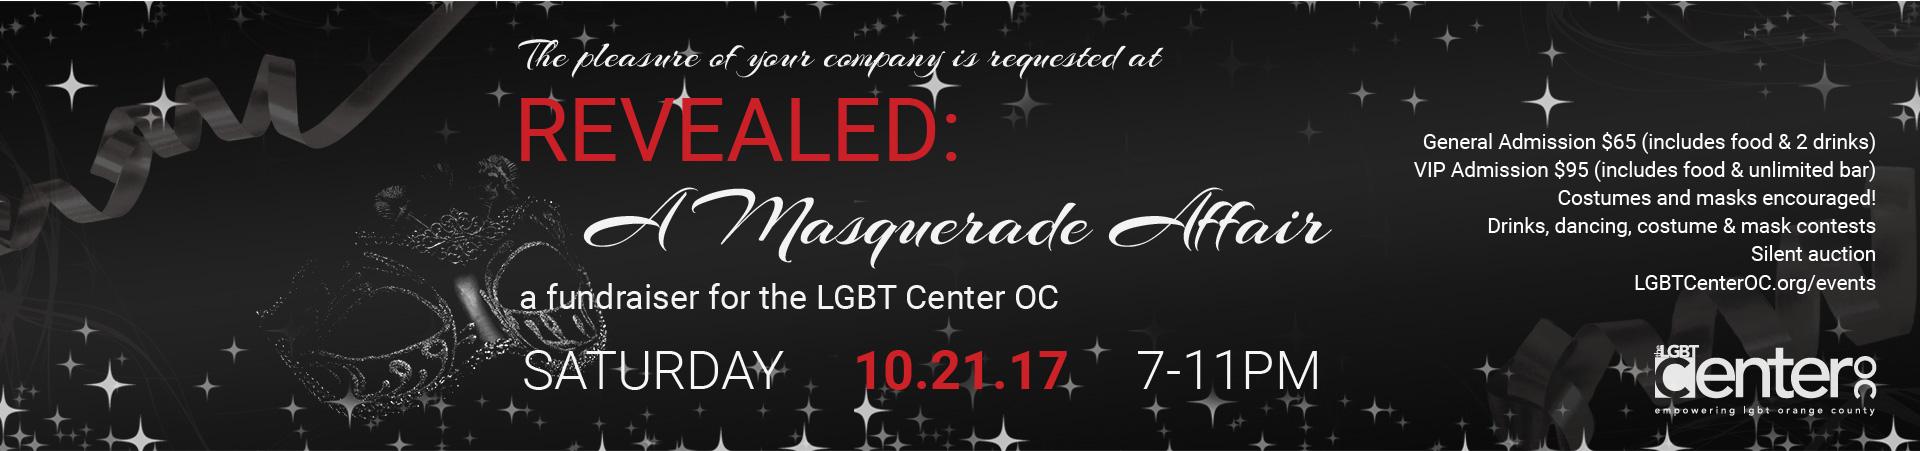 LGBT-Center-OC-REVEALED-2017